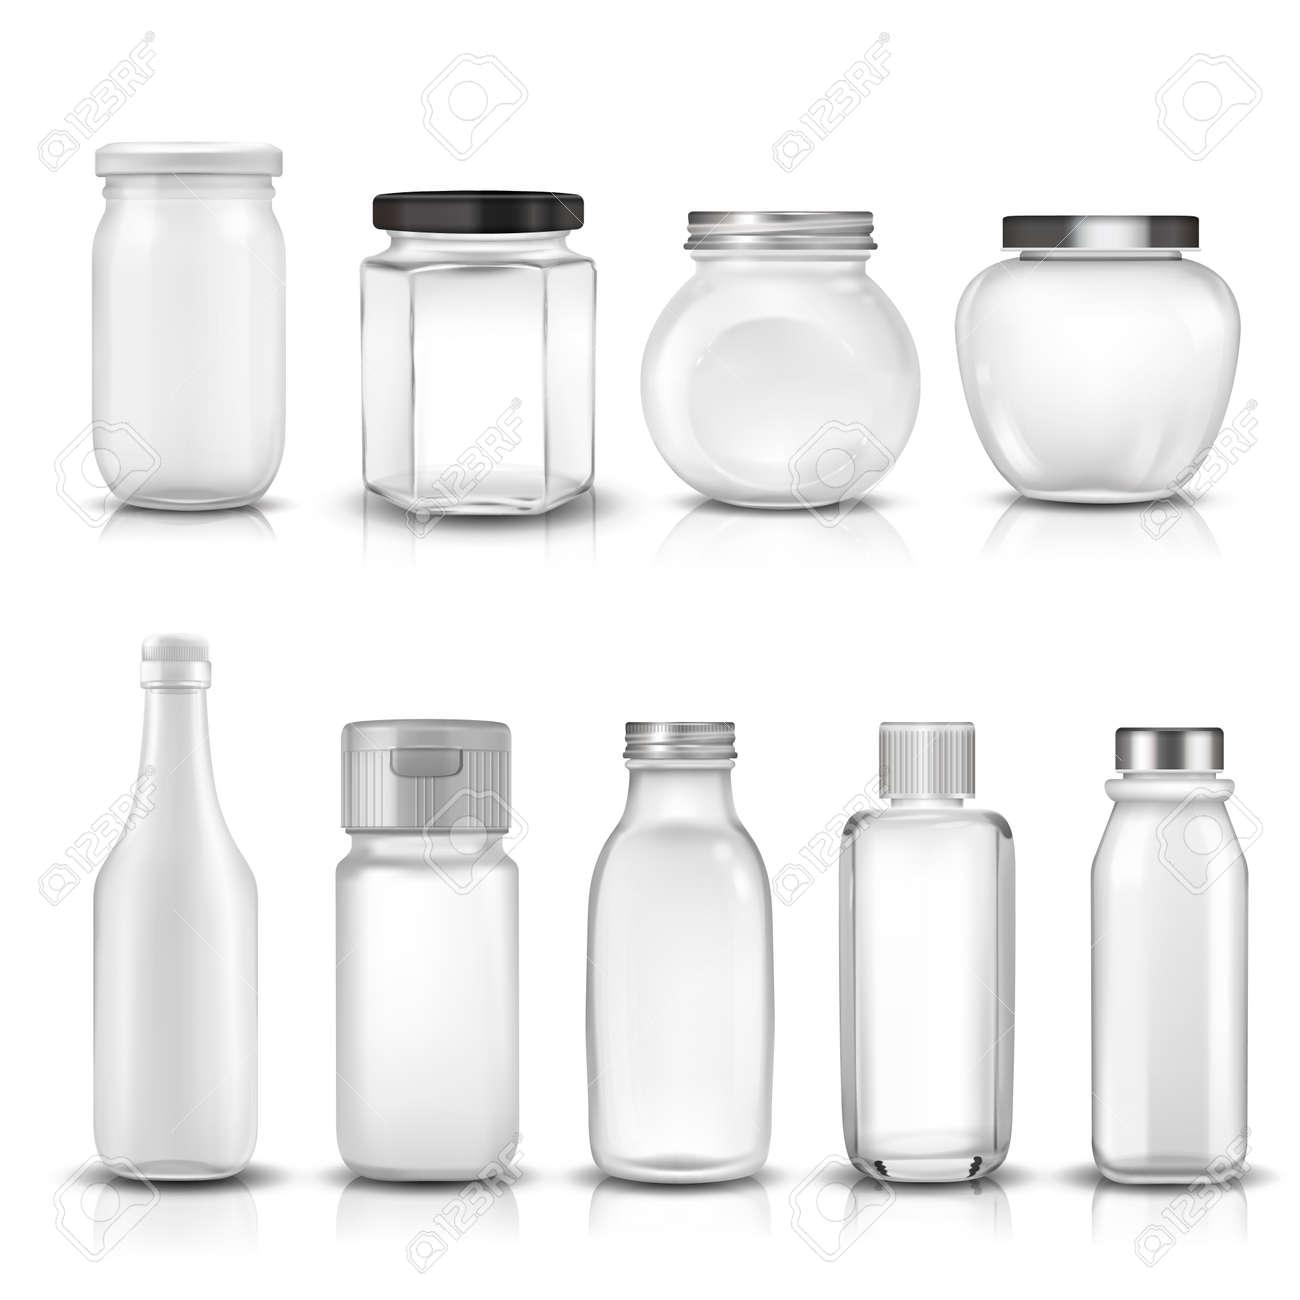 9 ガラス瓶コレクション セット3 D イラストのイラスト素材ベクタ